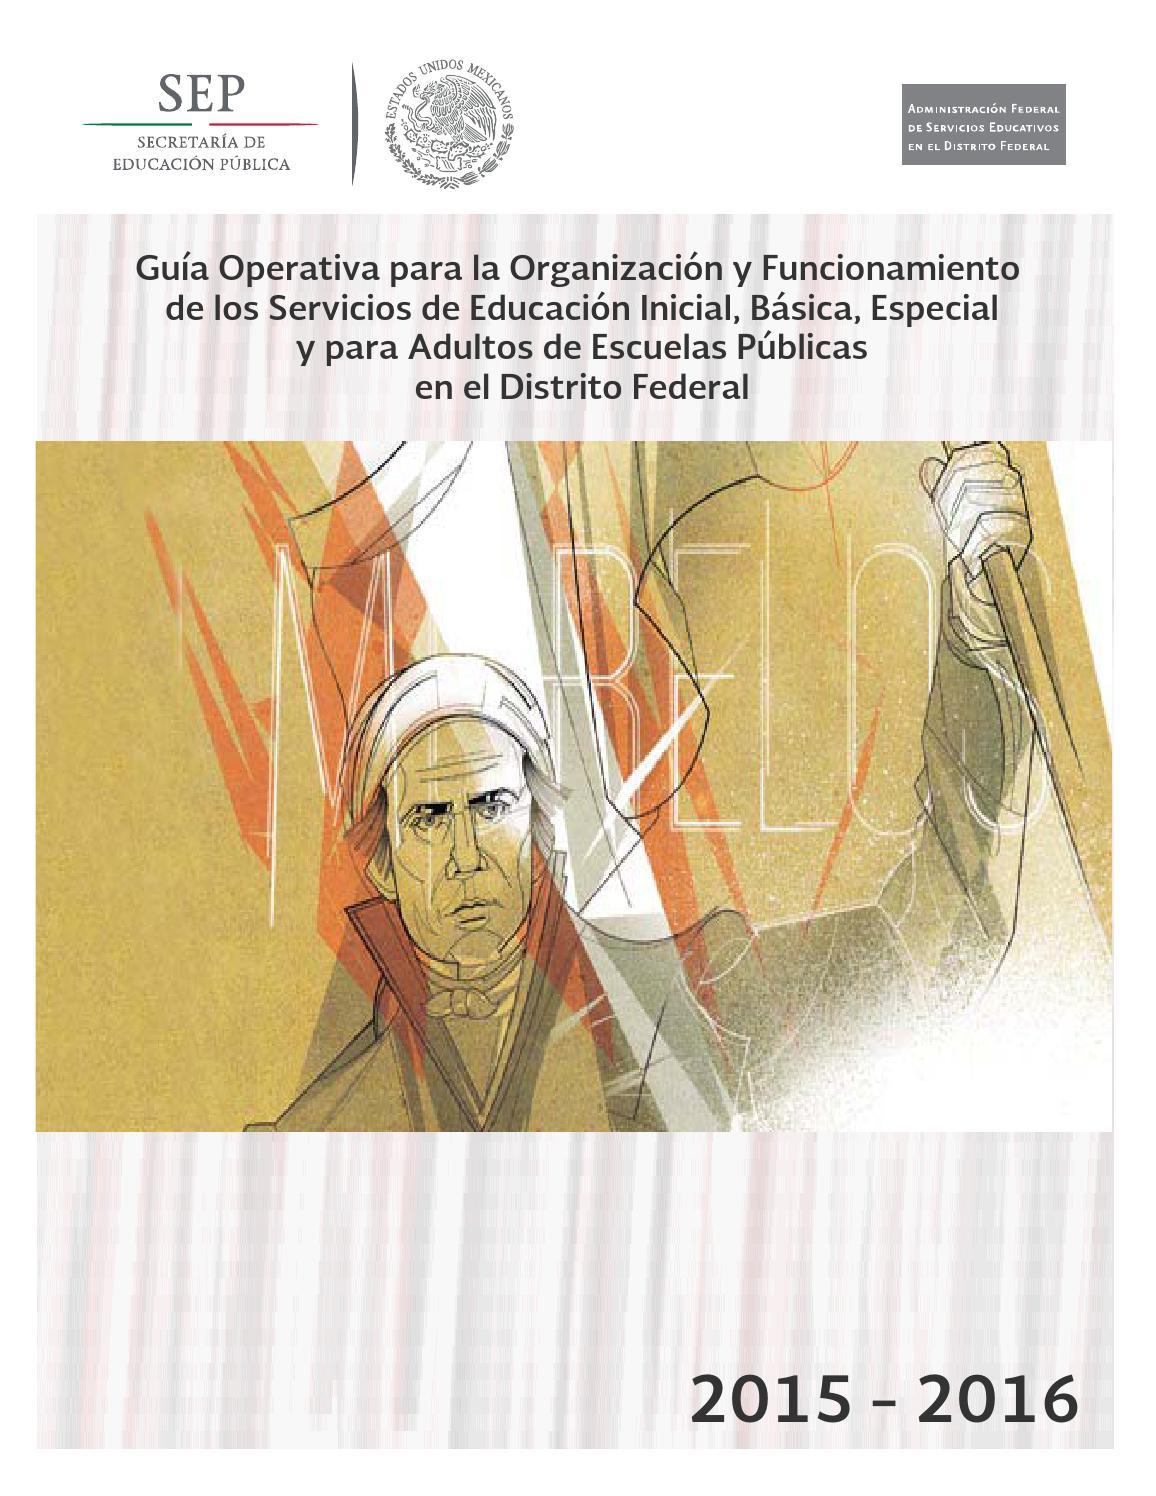 Guia operativa escuelas publicas 2015 2016 by fonoseirog - issuu